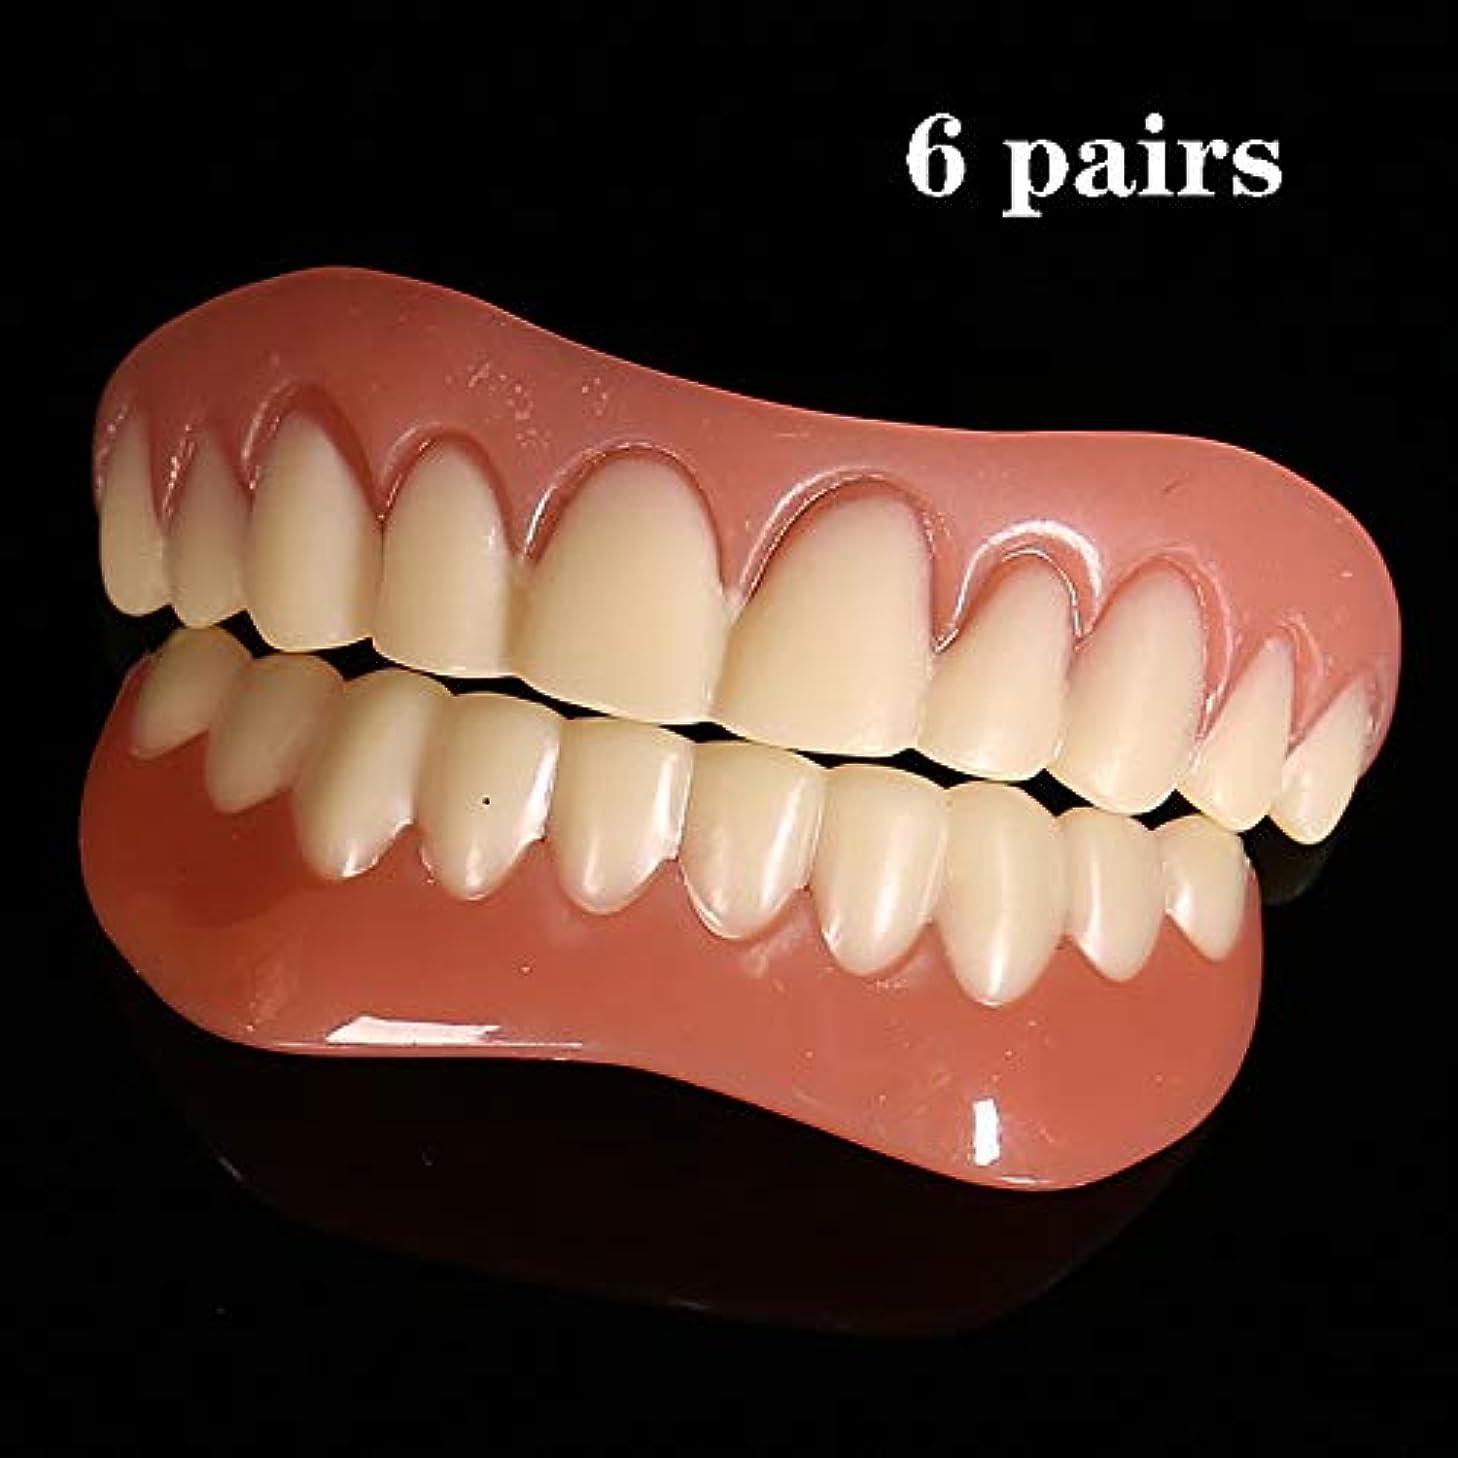 商品虚栄心権限を与える歯突き板化粧品歯スナップオンセキュア6ペア上下の快適さフィット歯突き板安全インスタントスマイル化粧品ワンサイズ